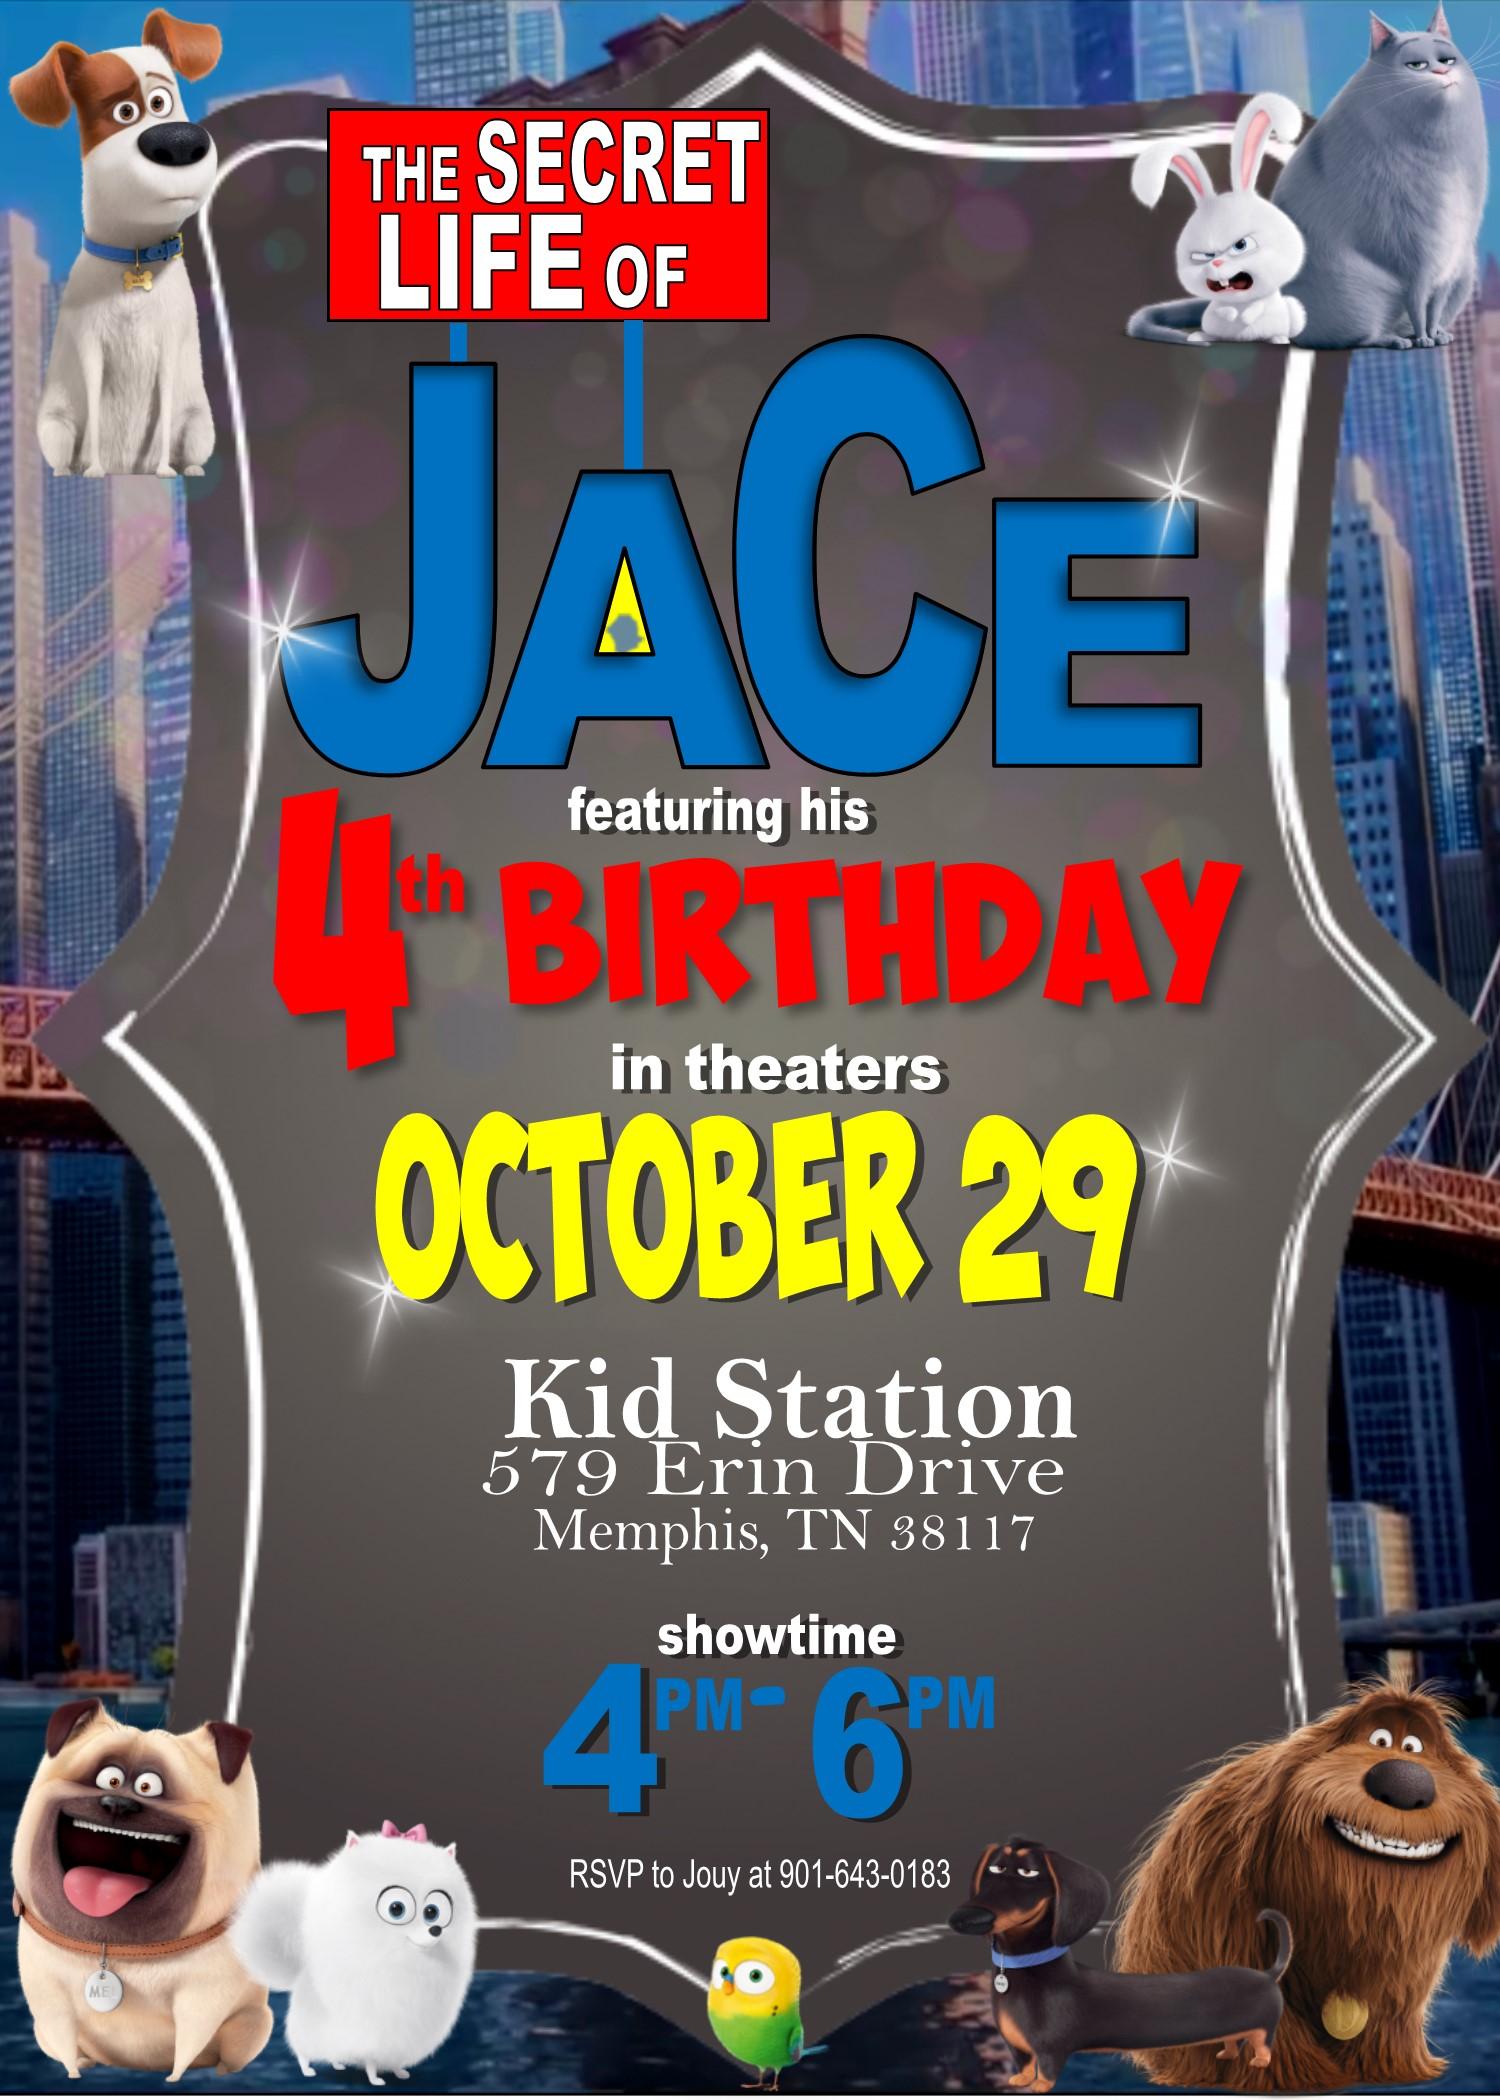 Jace invitation final